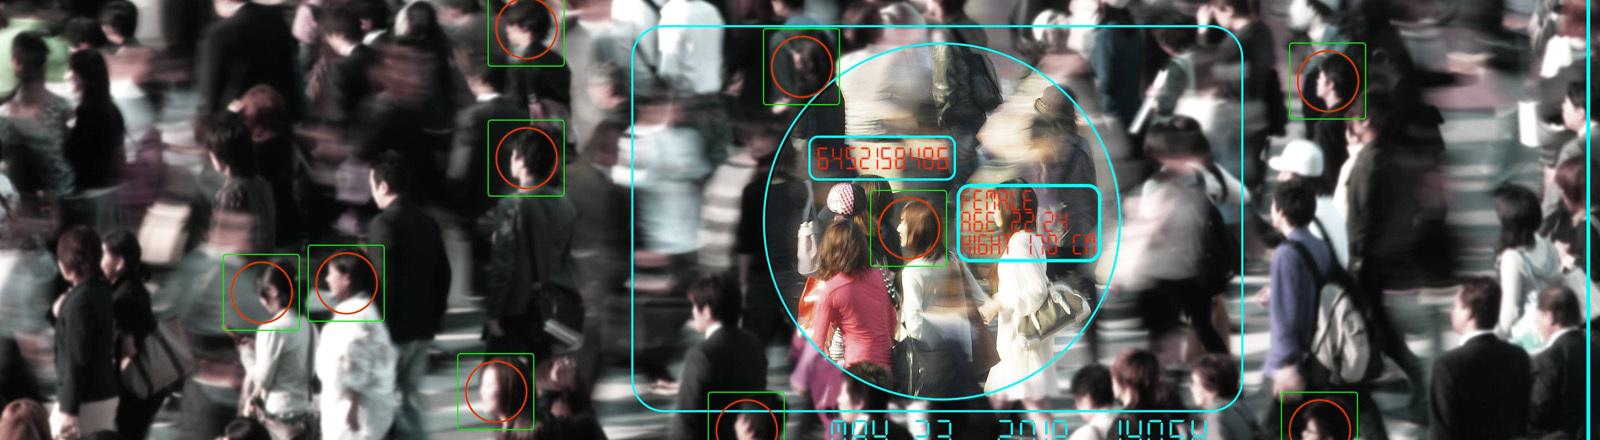 Menschenmasse wird von Kamera überwacht